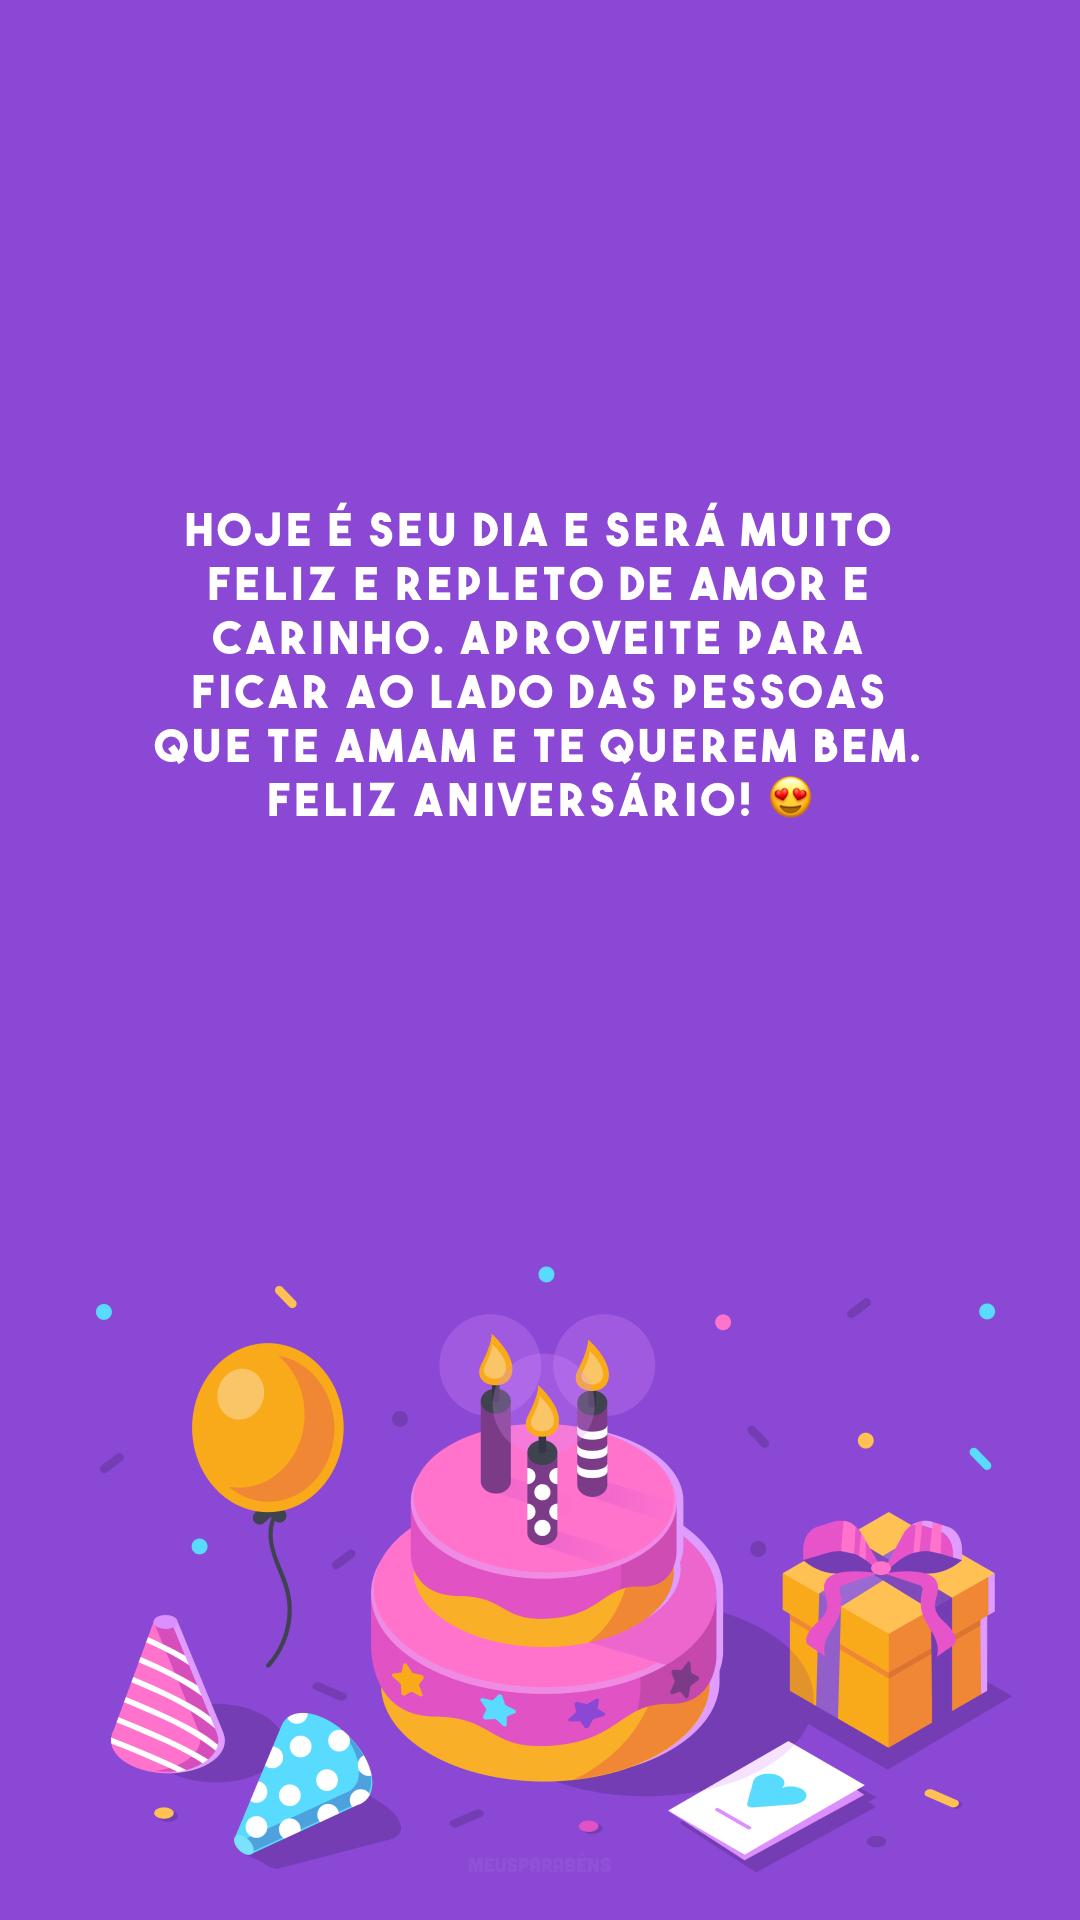 Hoje é seu dia e será muito feliz e repleto de amor e carinho. Aproveite para ficar ao lado das pessoas que te amam e te querem bem. Feliz aniversário! 😍